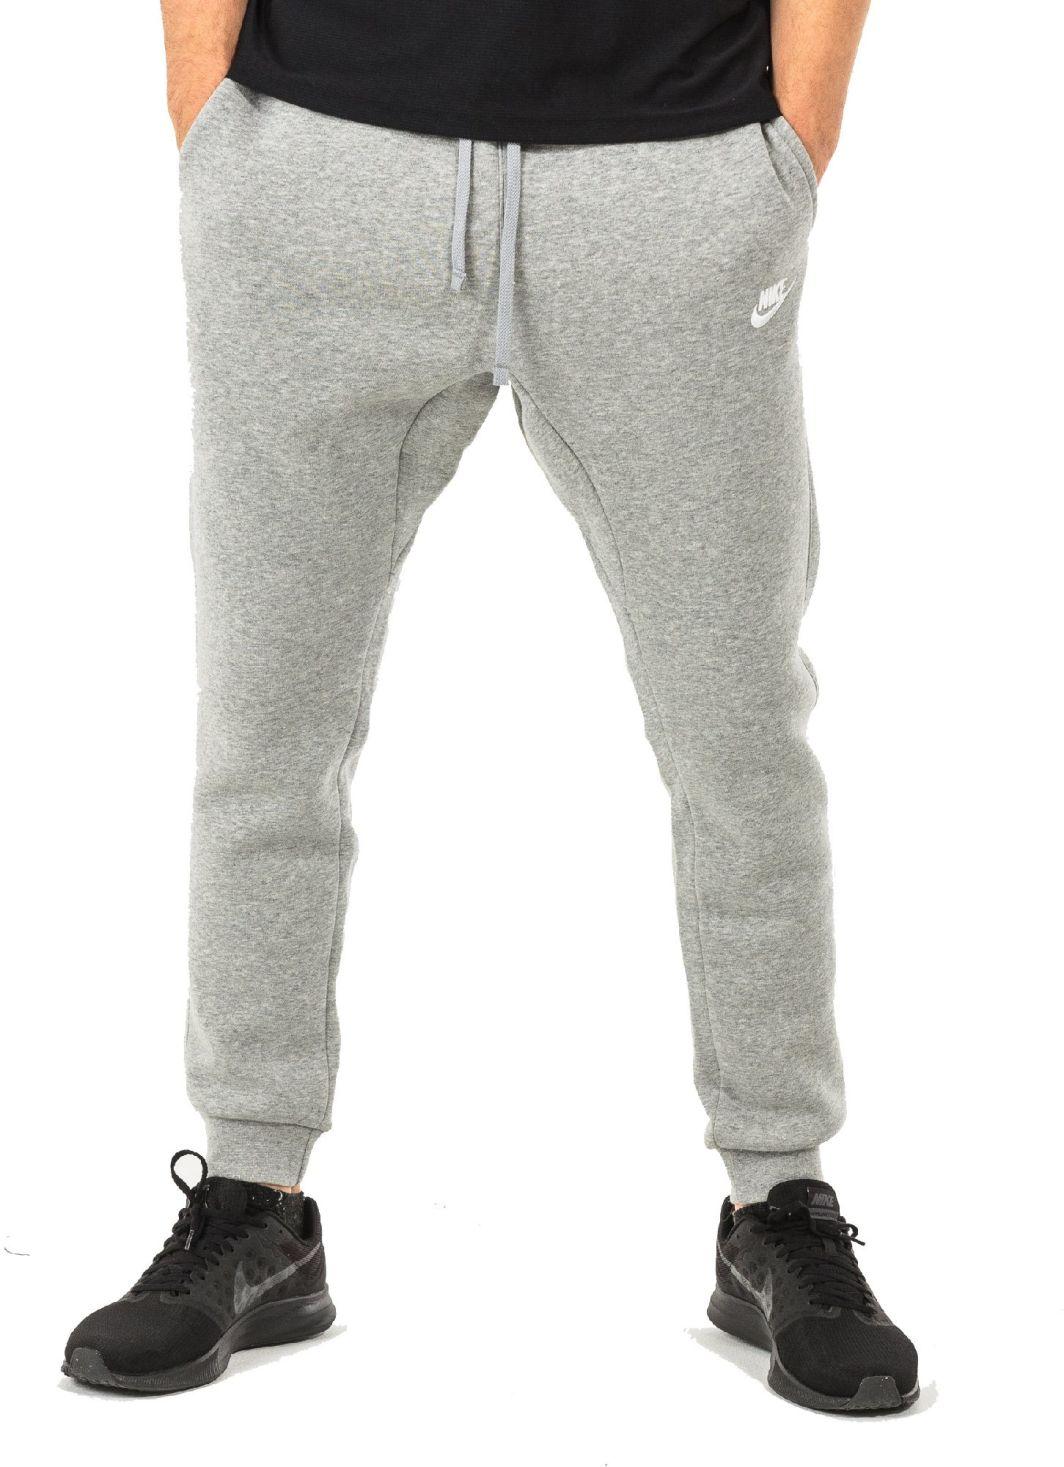 Nike Spodnie męskie Sportswear Jogger Club FLC szare r. M (804408 063) ID produktu: 1581374